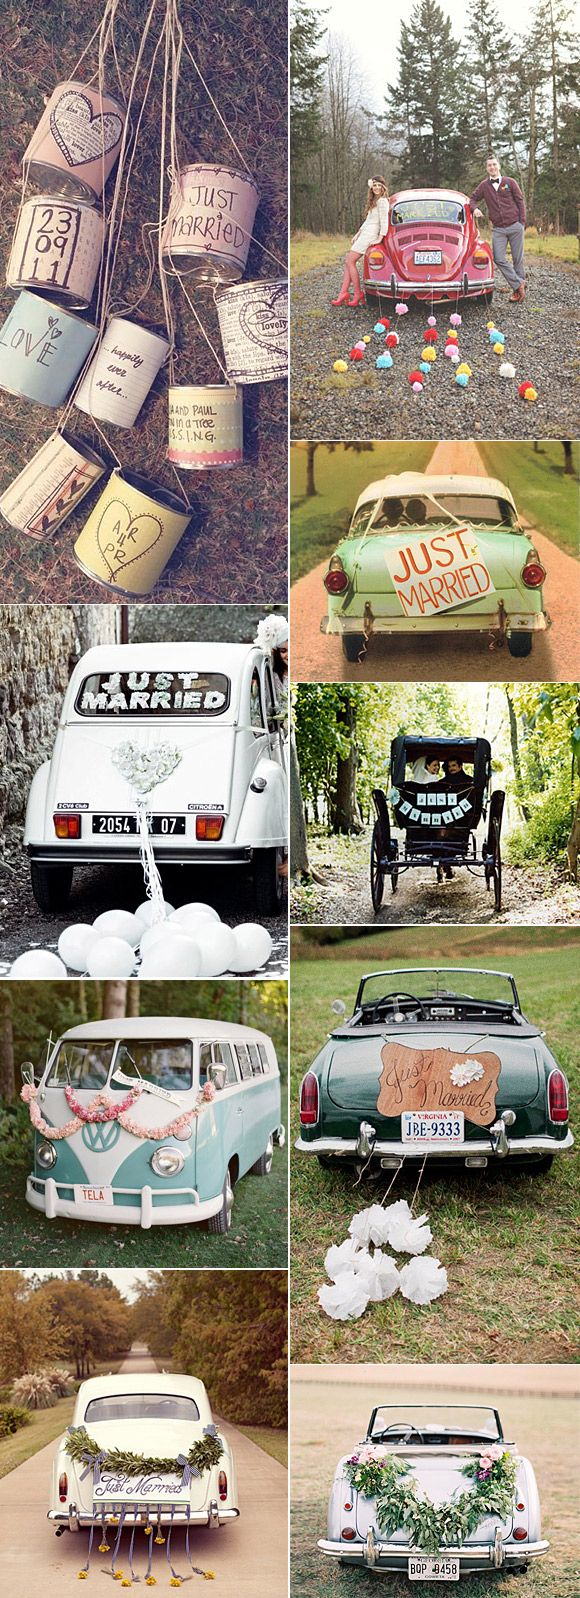 Ideas divertidas para decorar el coche de los novios el día de la boda. ¡HAY QUE SORPRENDER A LOS NOVIOS!